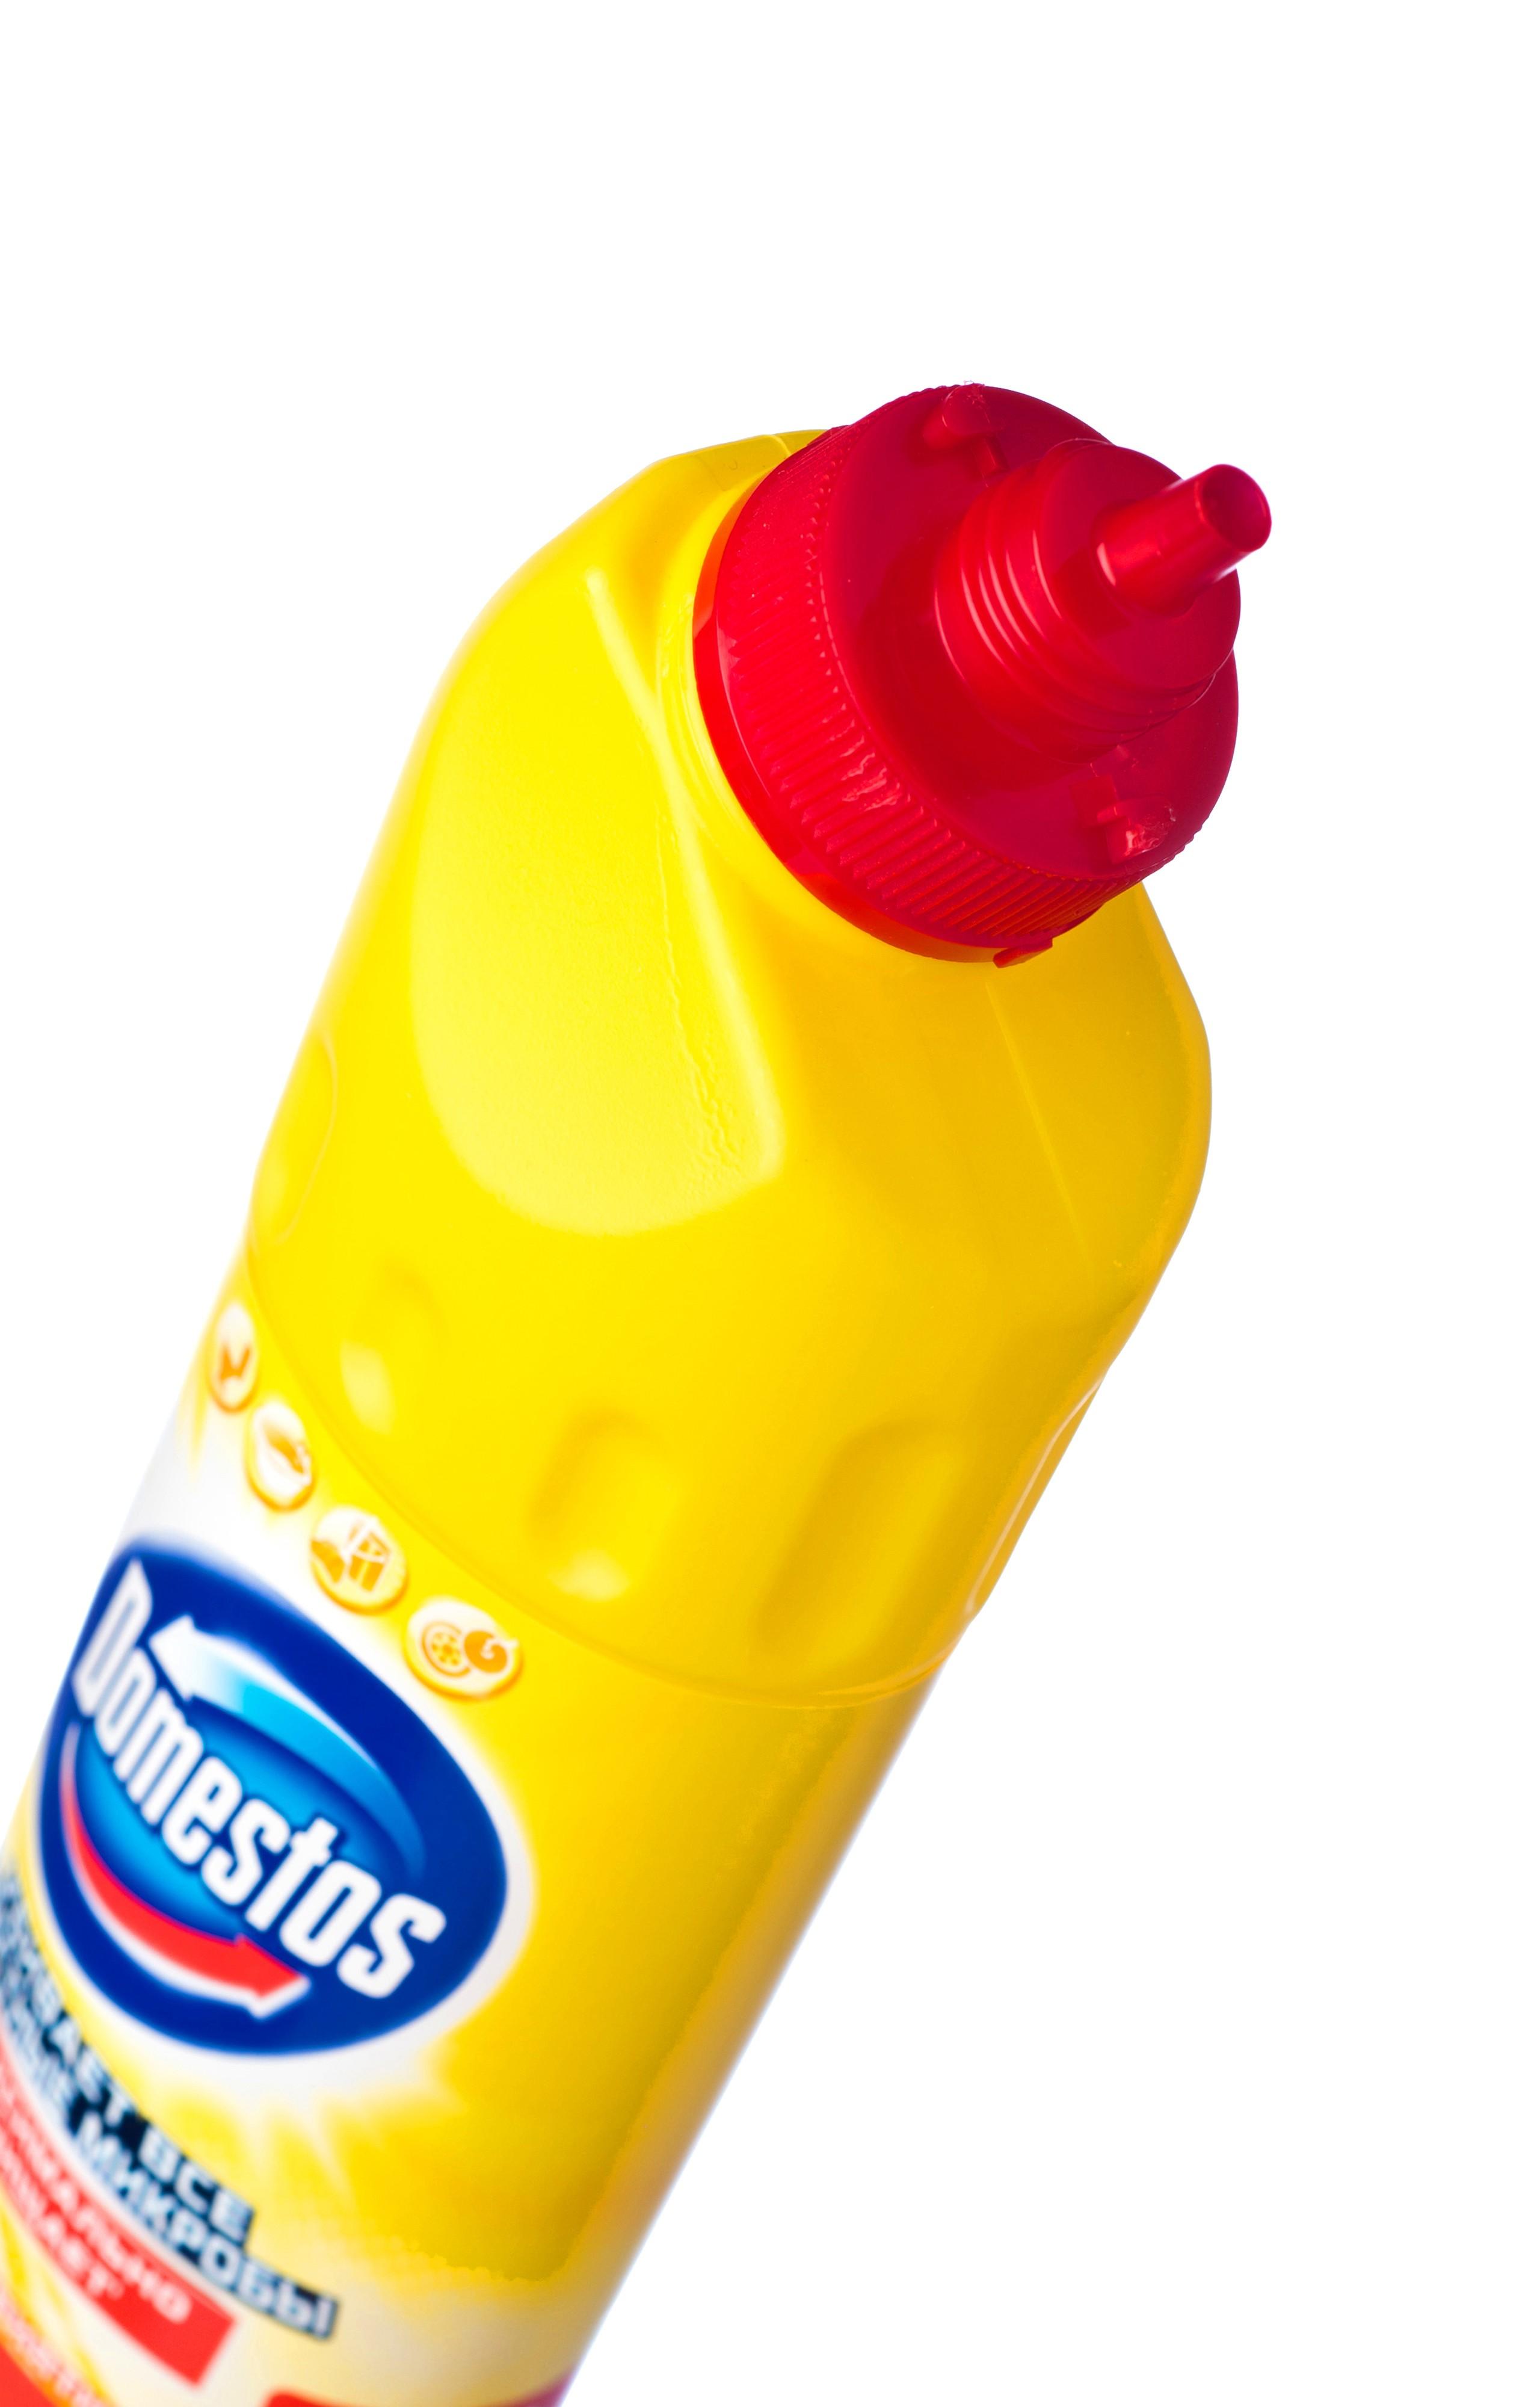 Средство универсальное Domestos Лимонная свежесть – это эффективное чистящее средство, которое уничтожает микробы во всем доме для защиты вашей семьи.  Благодаря особой формуле с дезинфицирующим эффектом и чистящими компонентами Domestos убивает все известные микробы, максимально отчищает